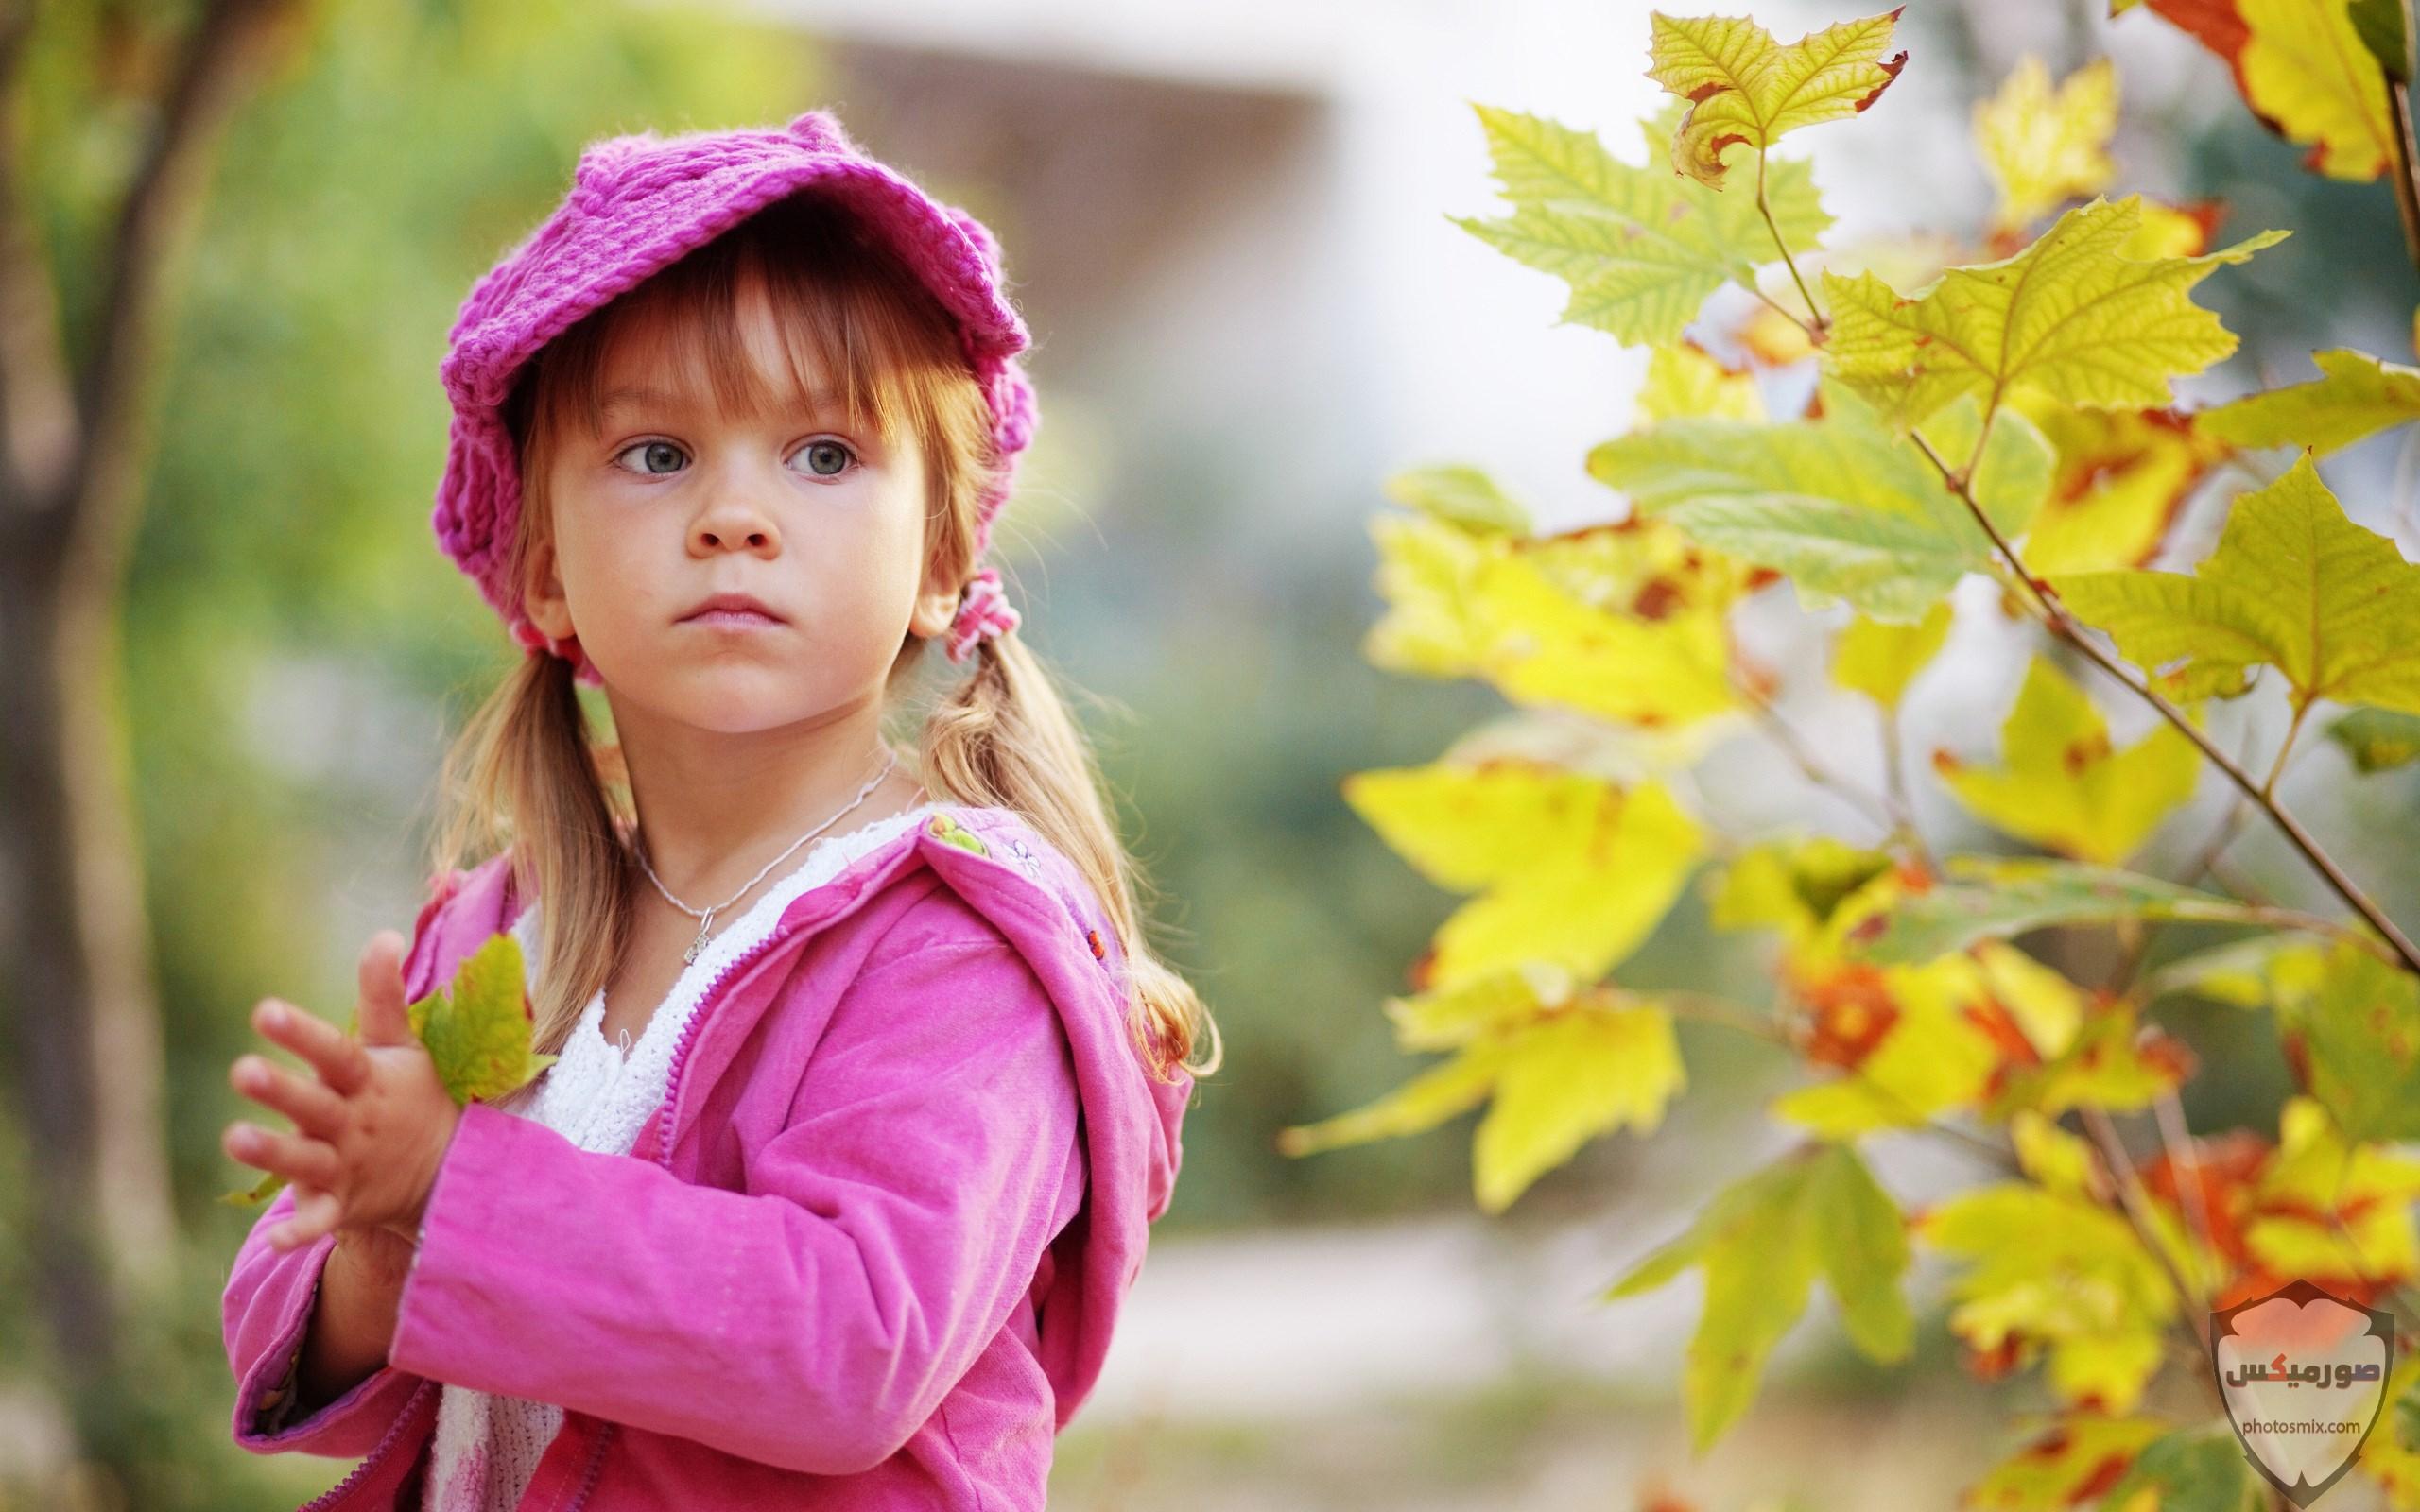 صور اطفال 2021 تحميل اكثر من 100 صور اطفال جميلة صور اطفال روعة 2020 26 1